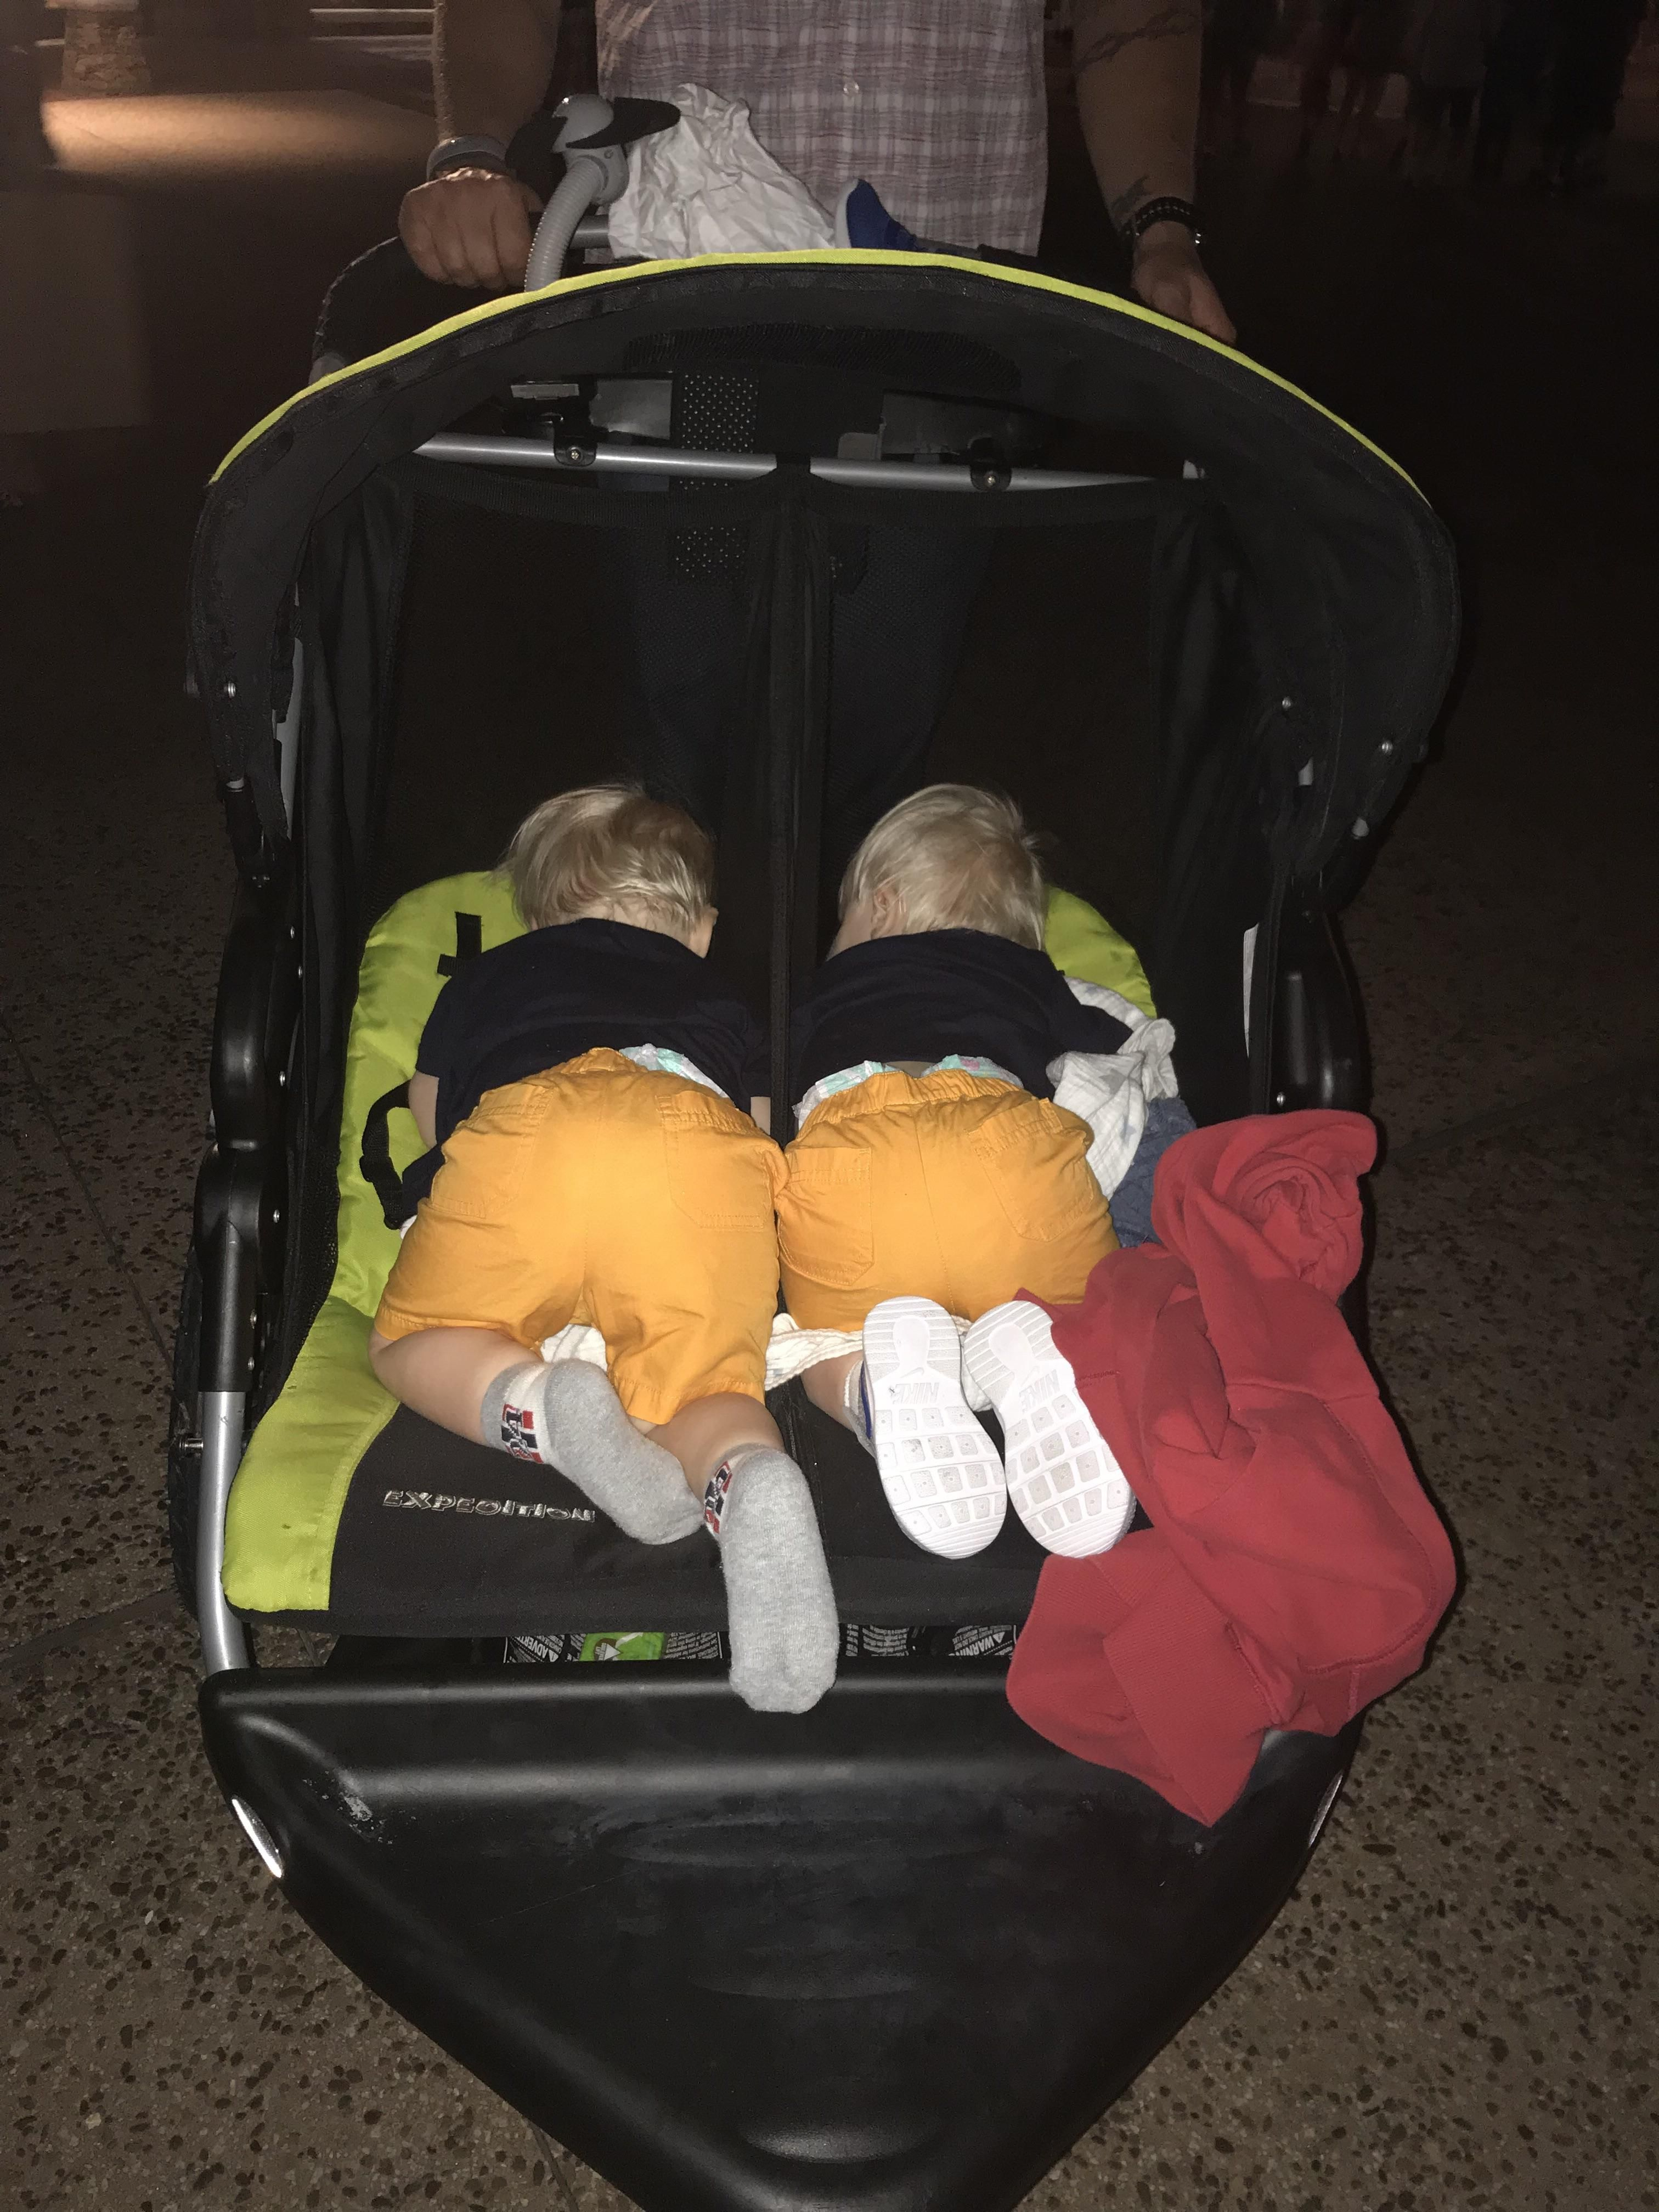 My twins fell asleep in their stroller http//ift.tt